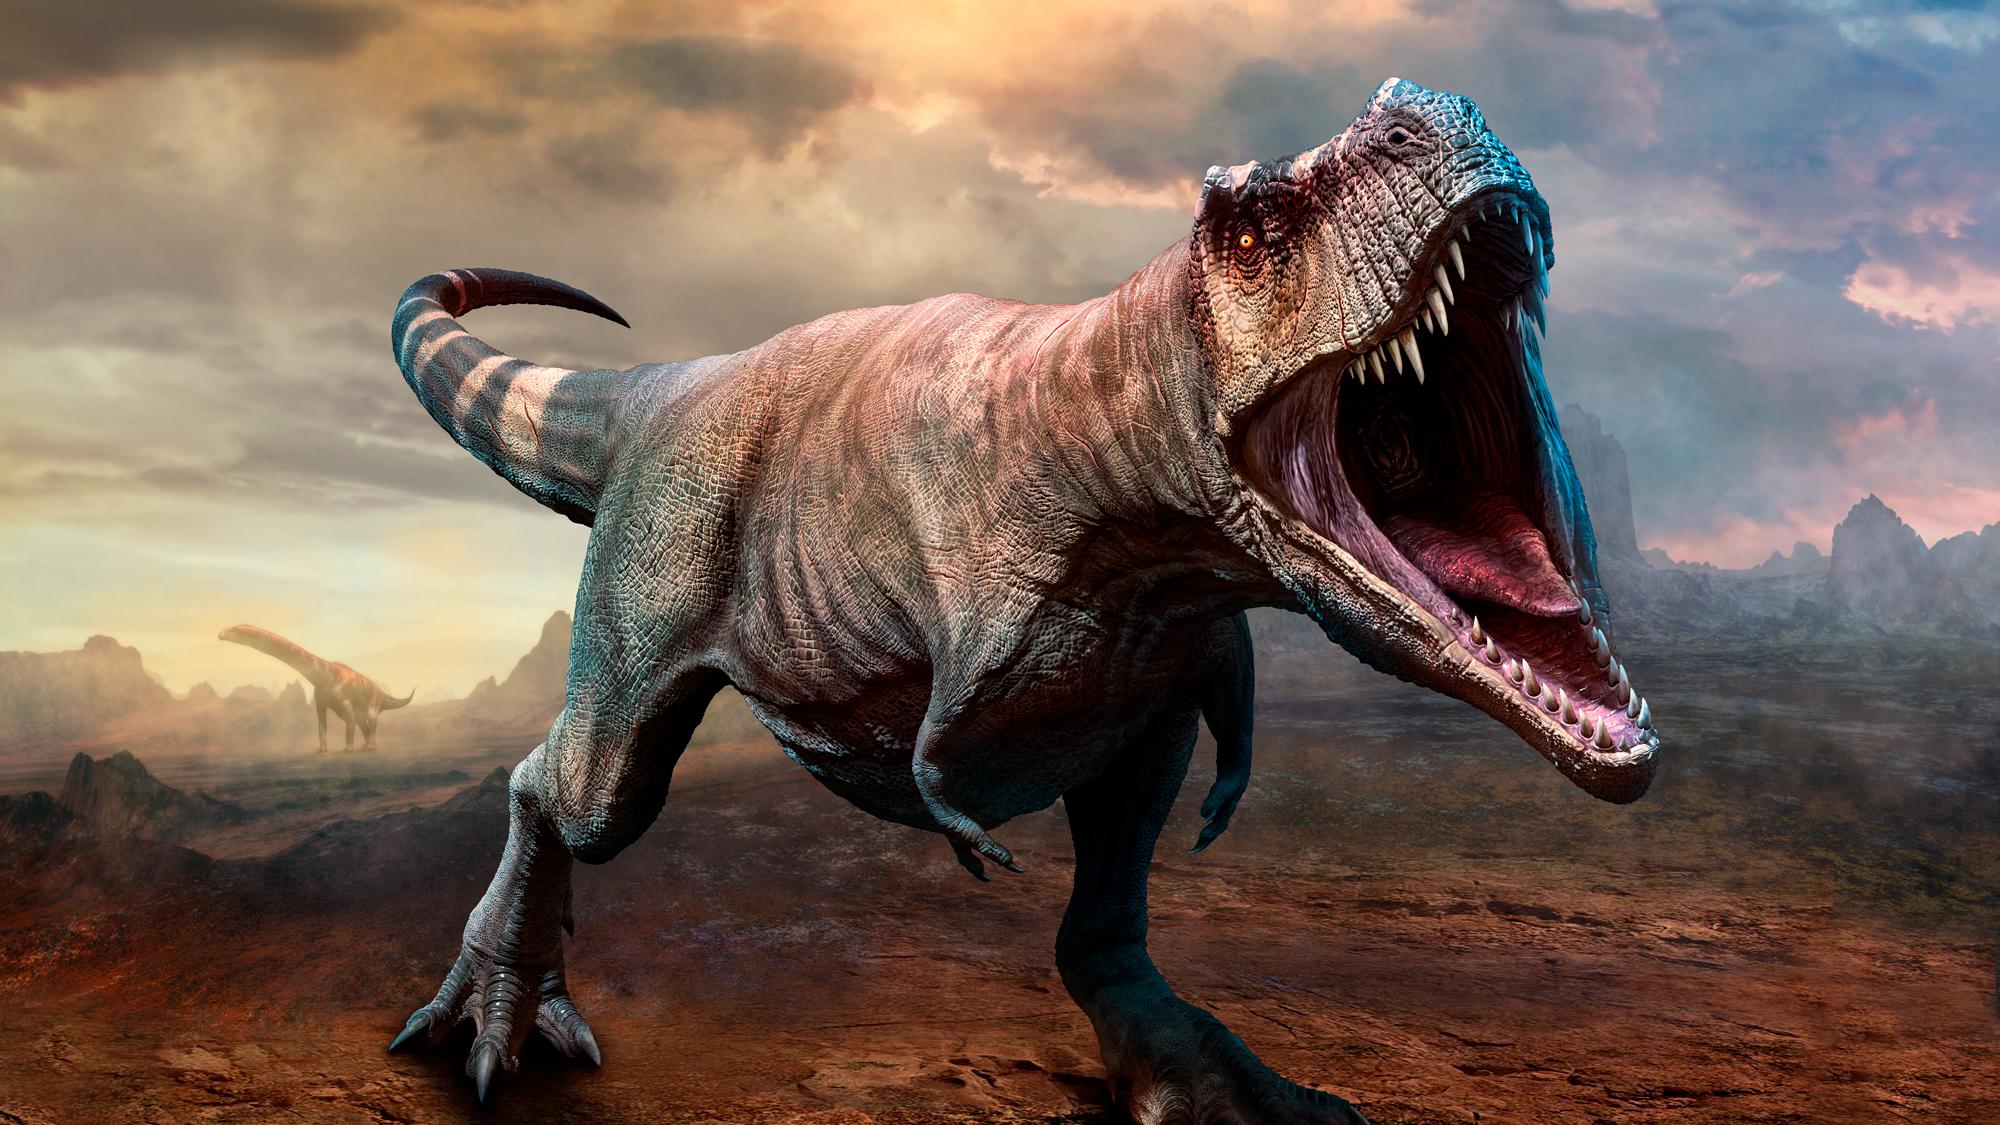 Эволюция в прыжке: почему крокодилы пережили динозавров